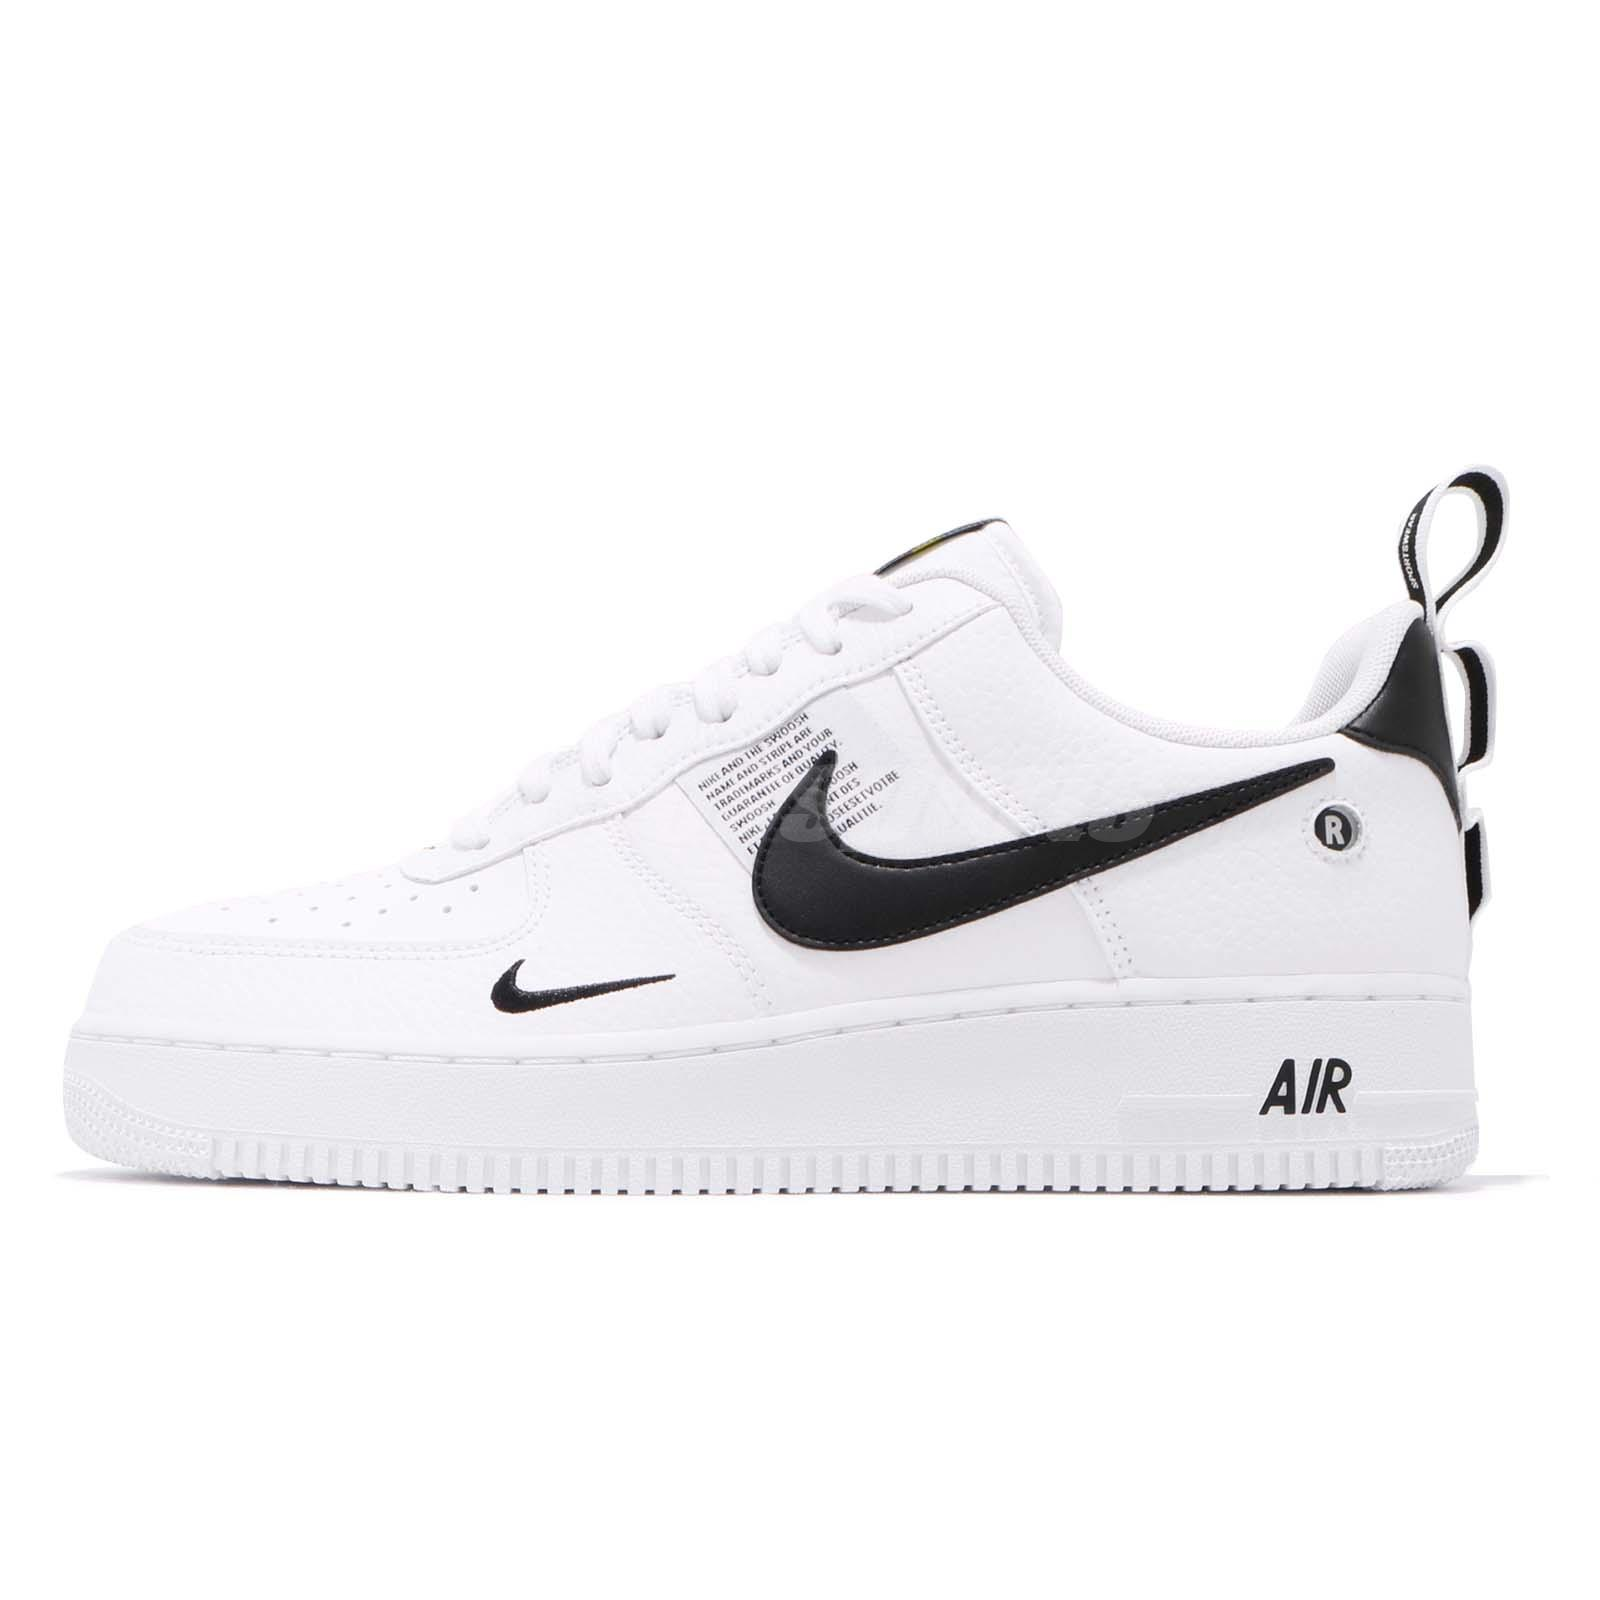 Nike Air Force 1 07 LV8 Utility AJ7747 100